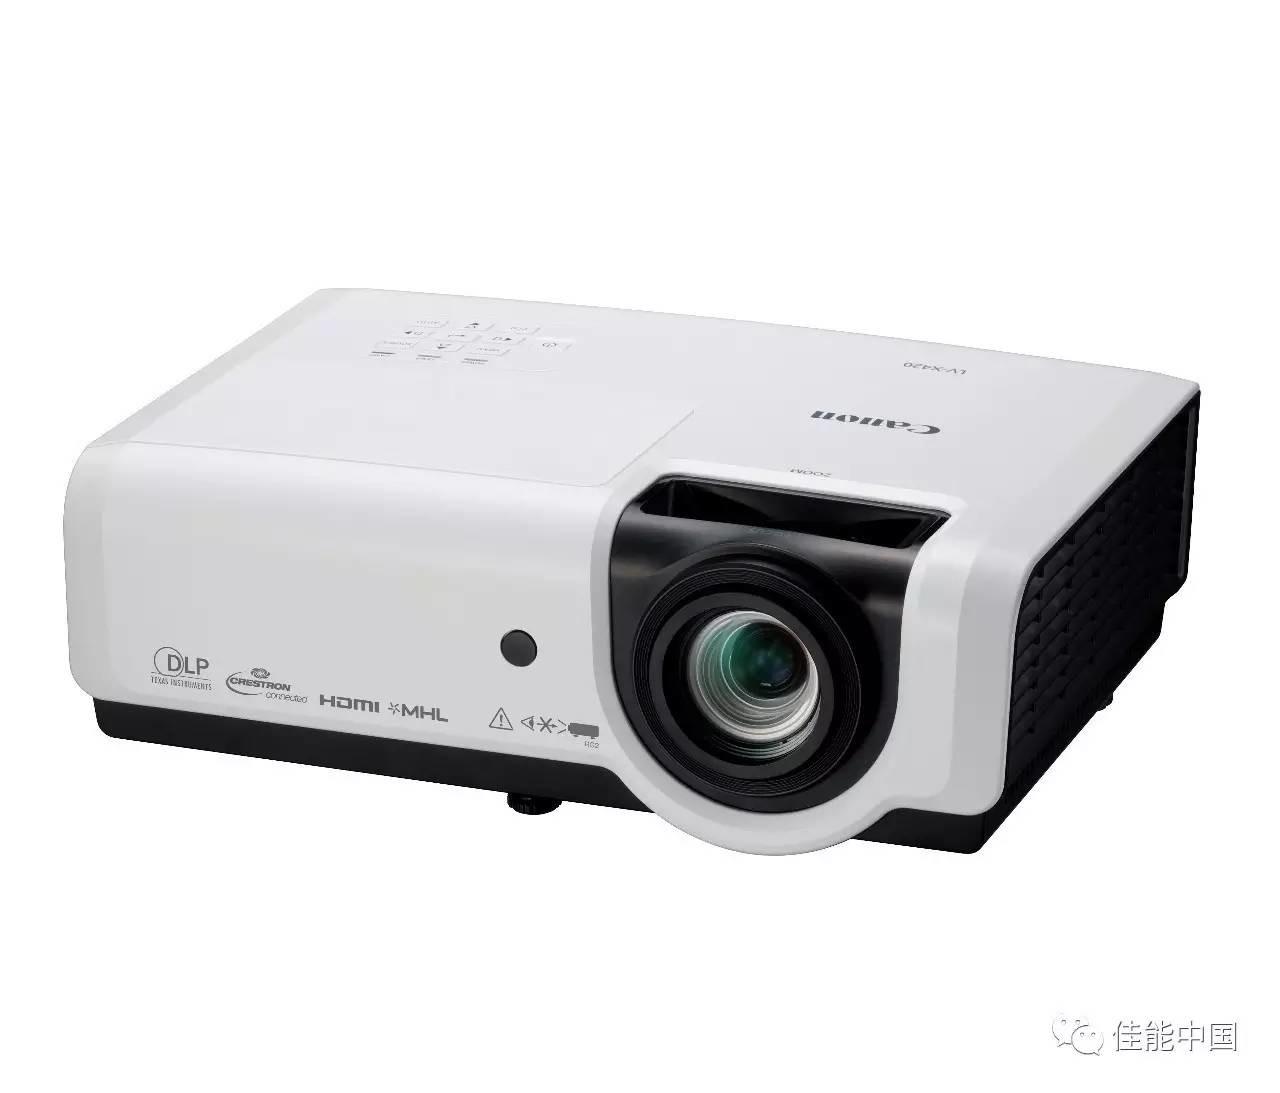 佳能面向商教市场推出LV-X420便携式DLP投影机新品